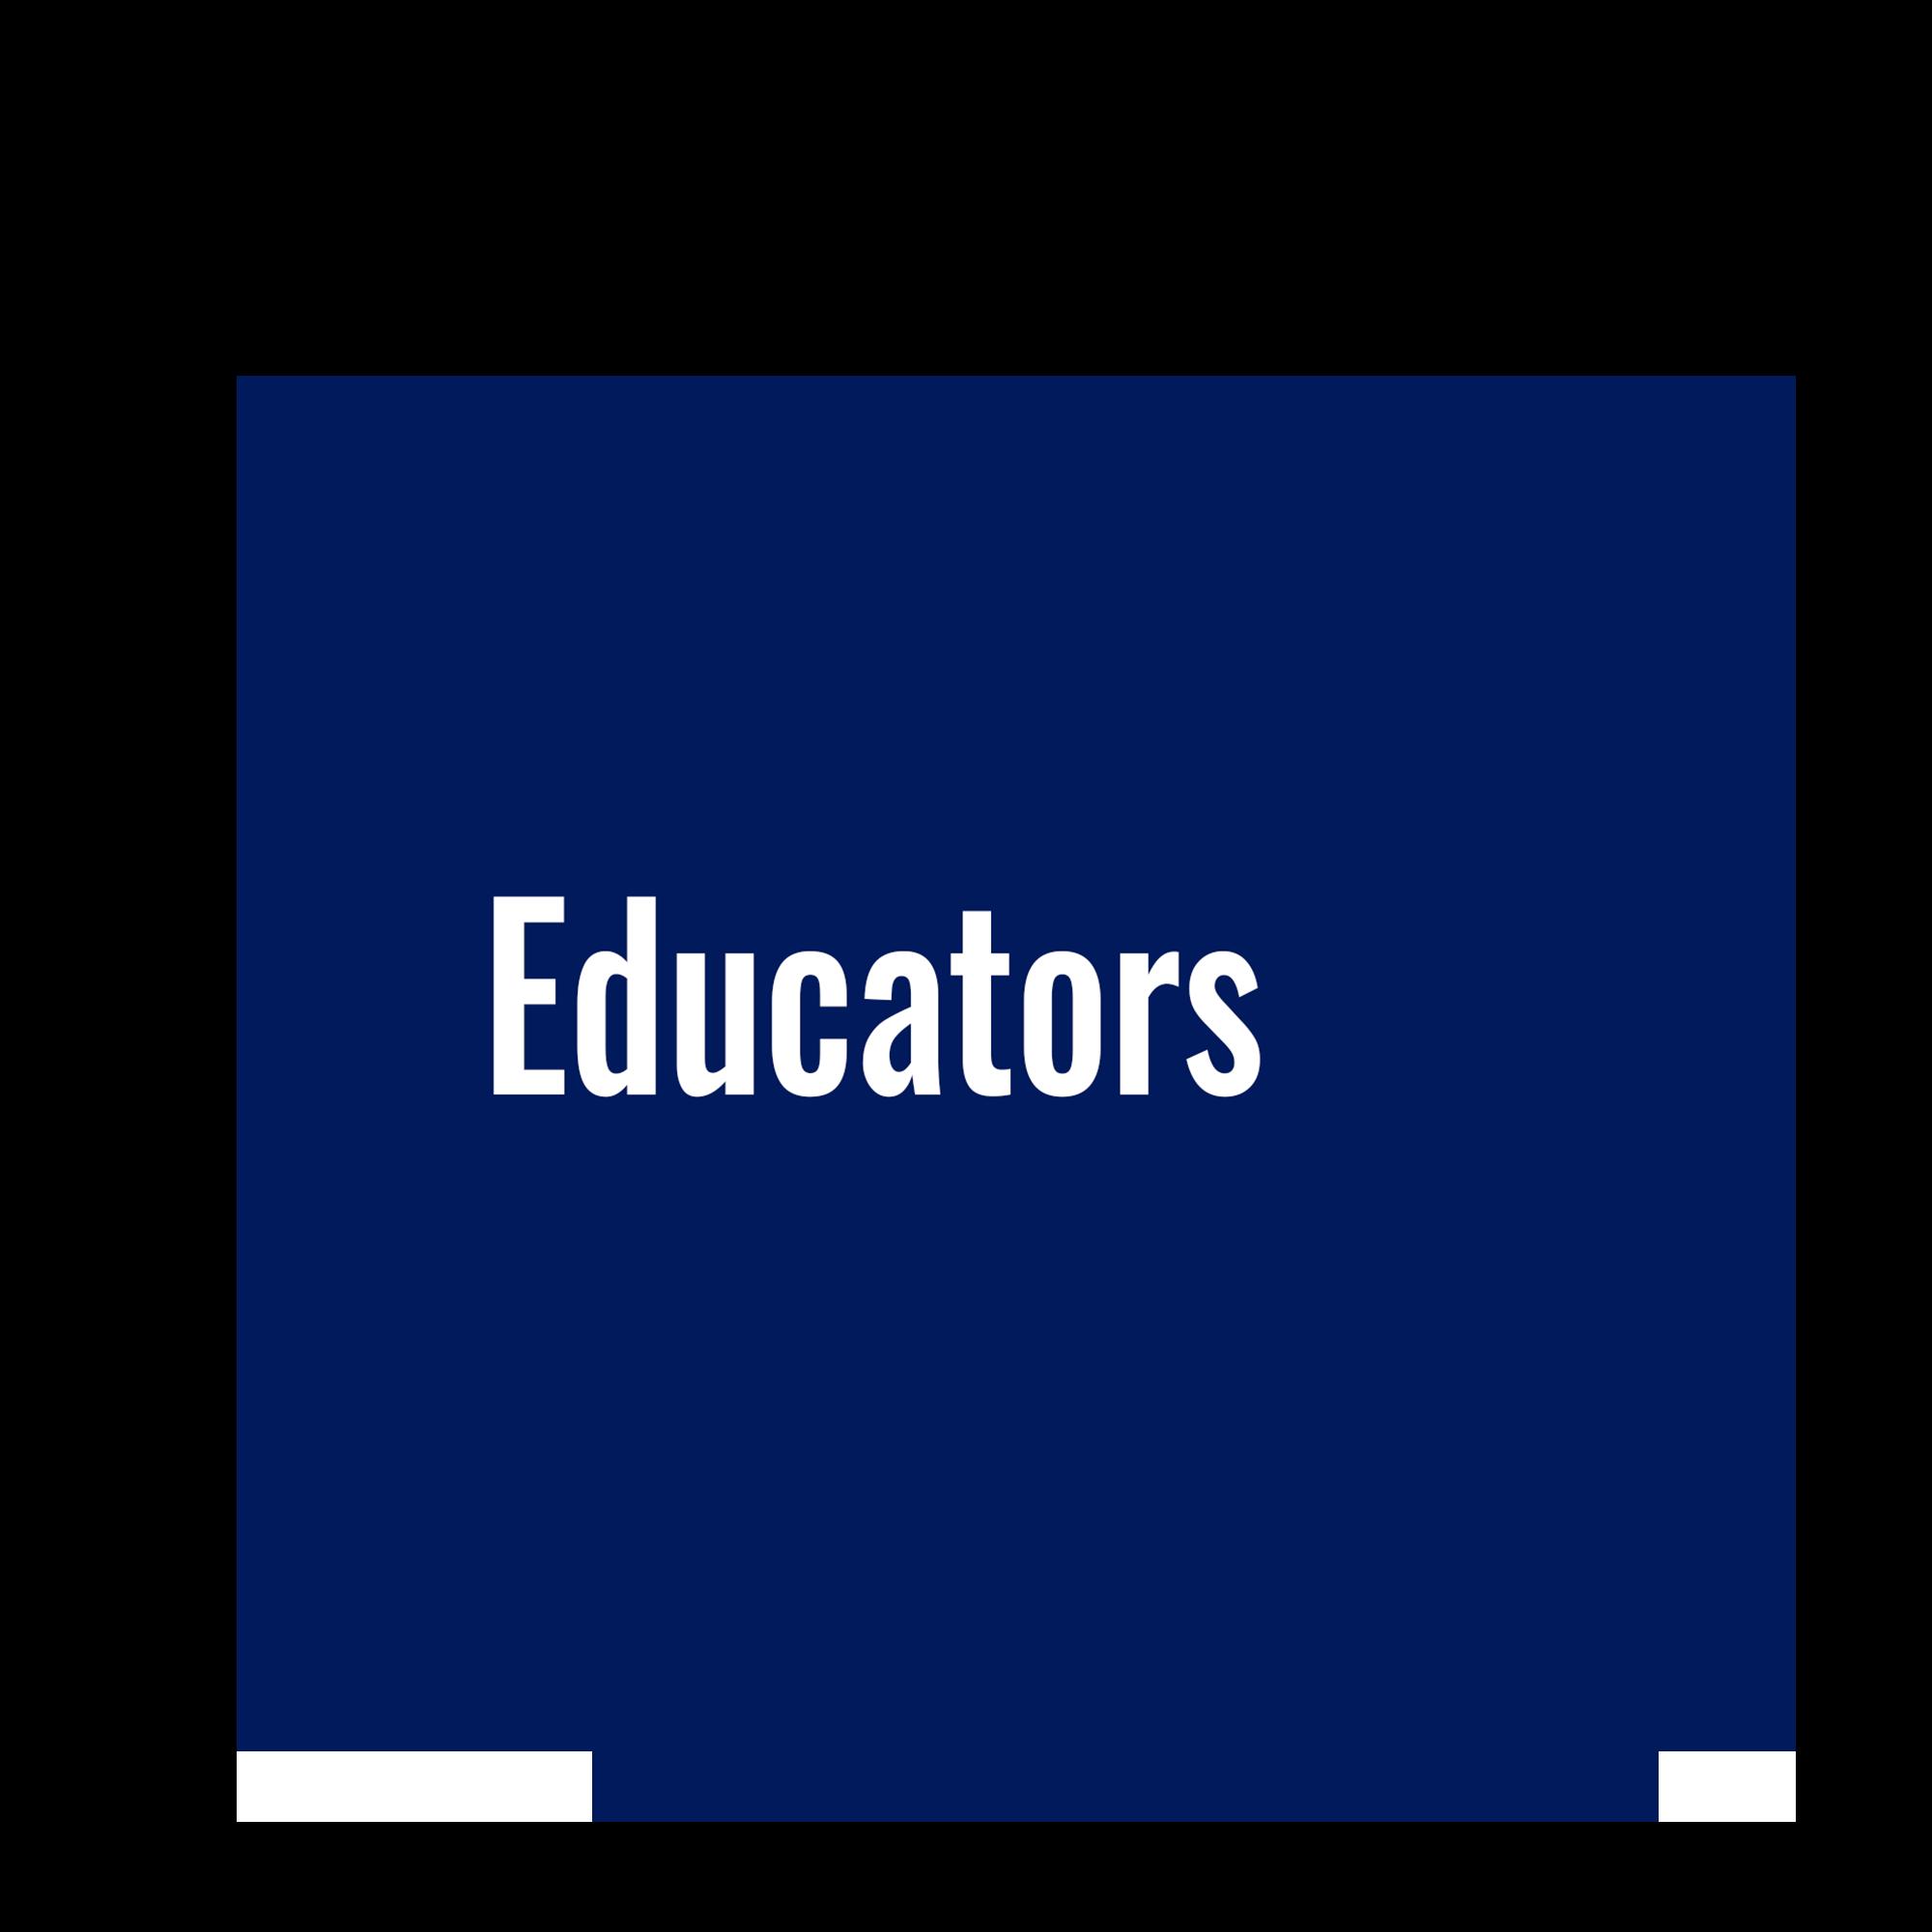 Educators circle